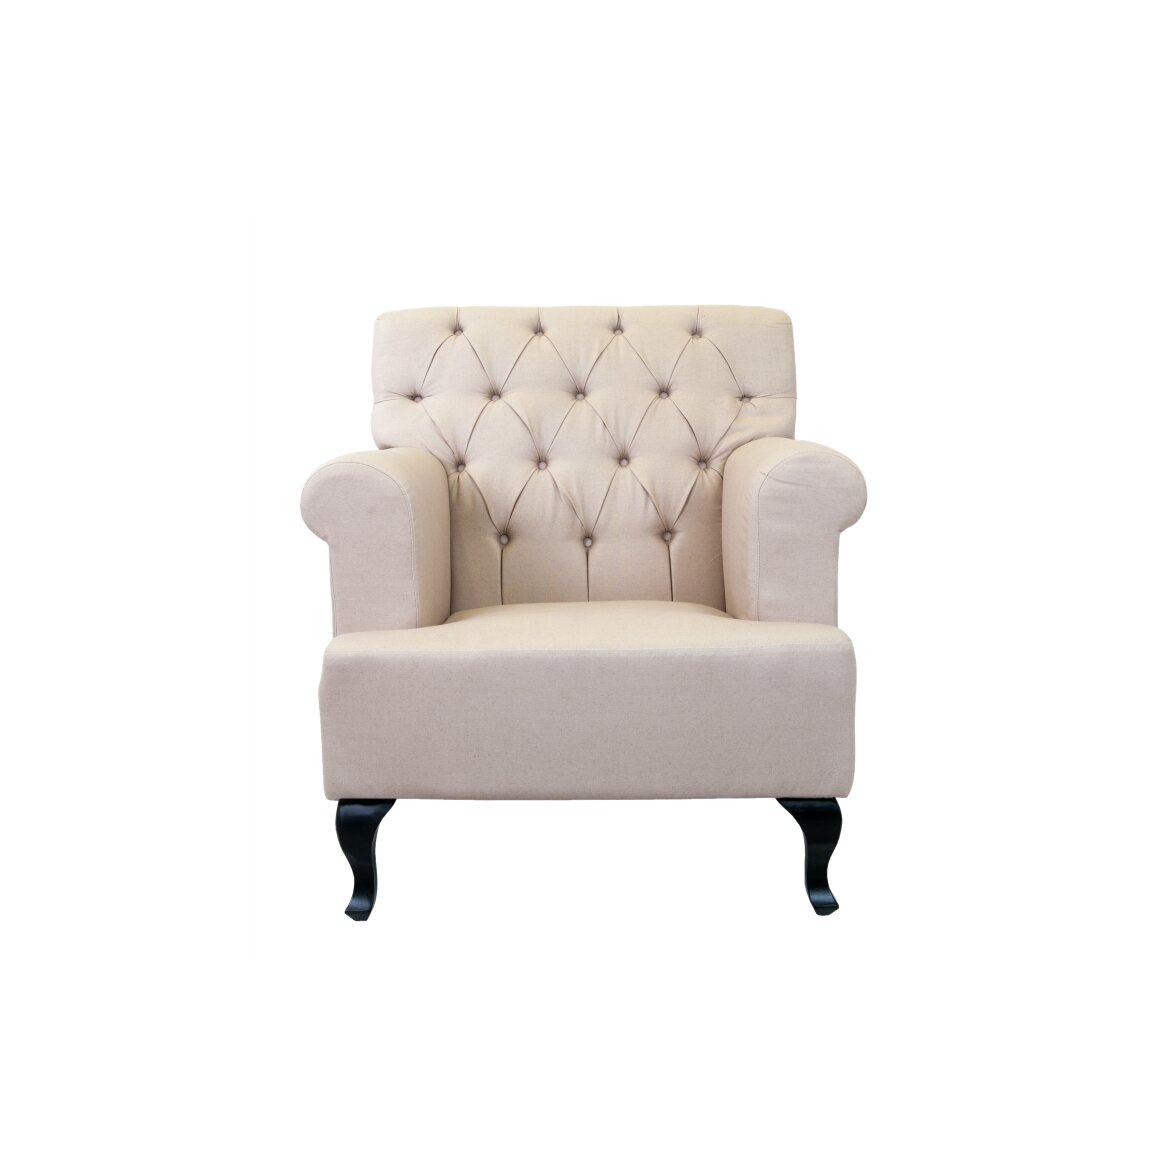 Кресло Kaniel beige | Каминные кресла Kingsby